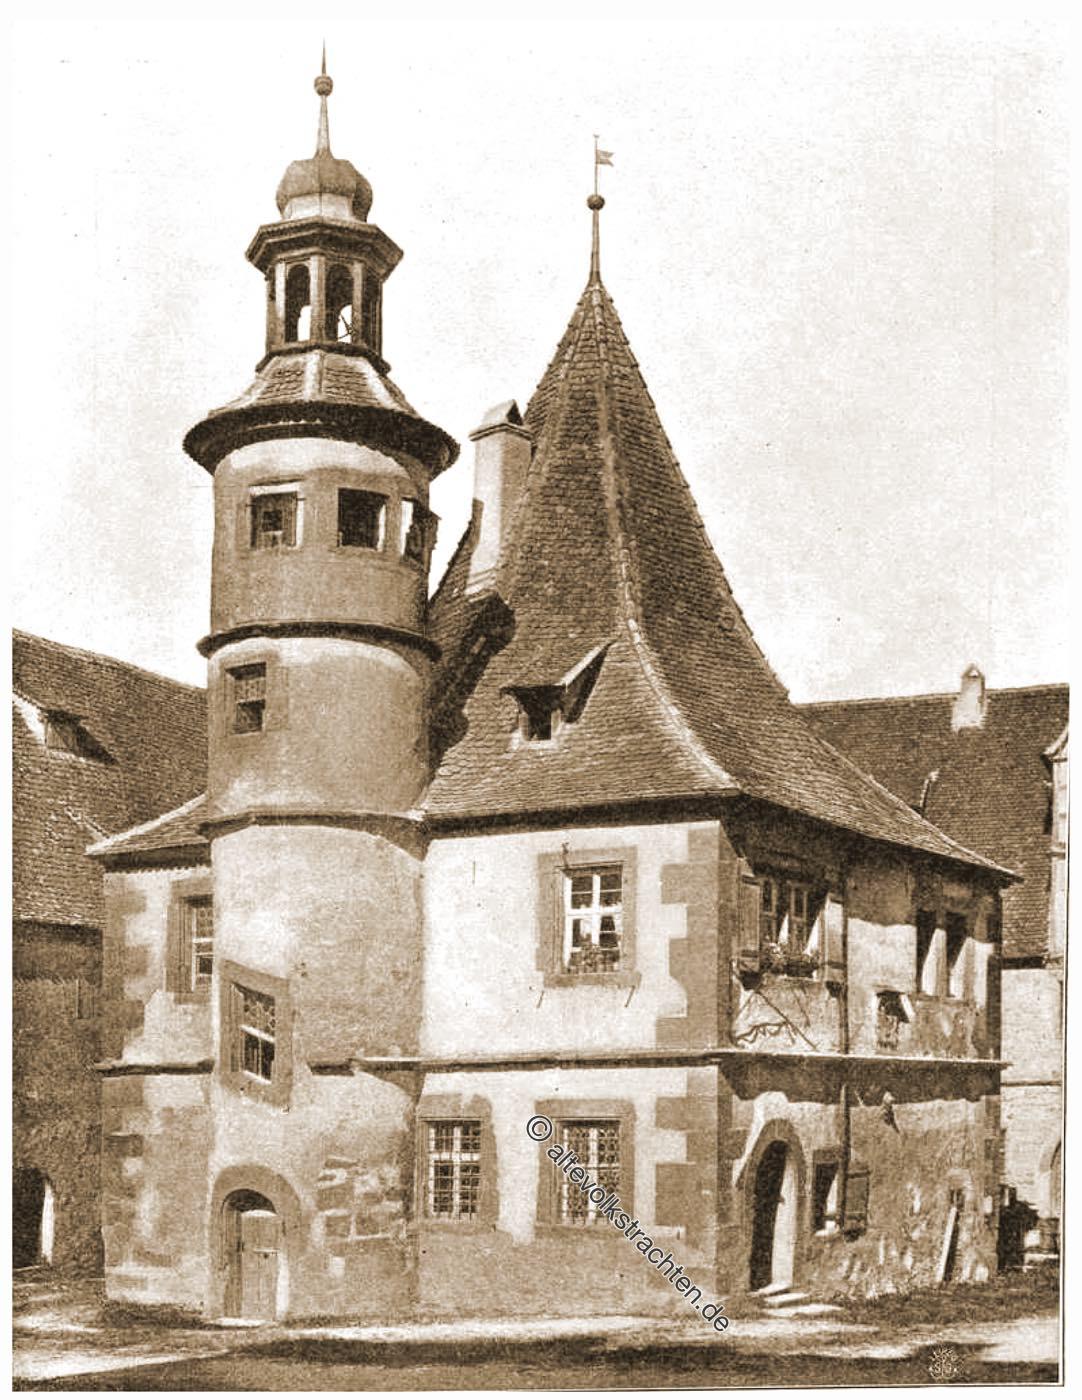 Historische Sehenswürdigkeit, Hegereiterhaus, Architektur, Mittelalter, Rothenburg ob der Tauber